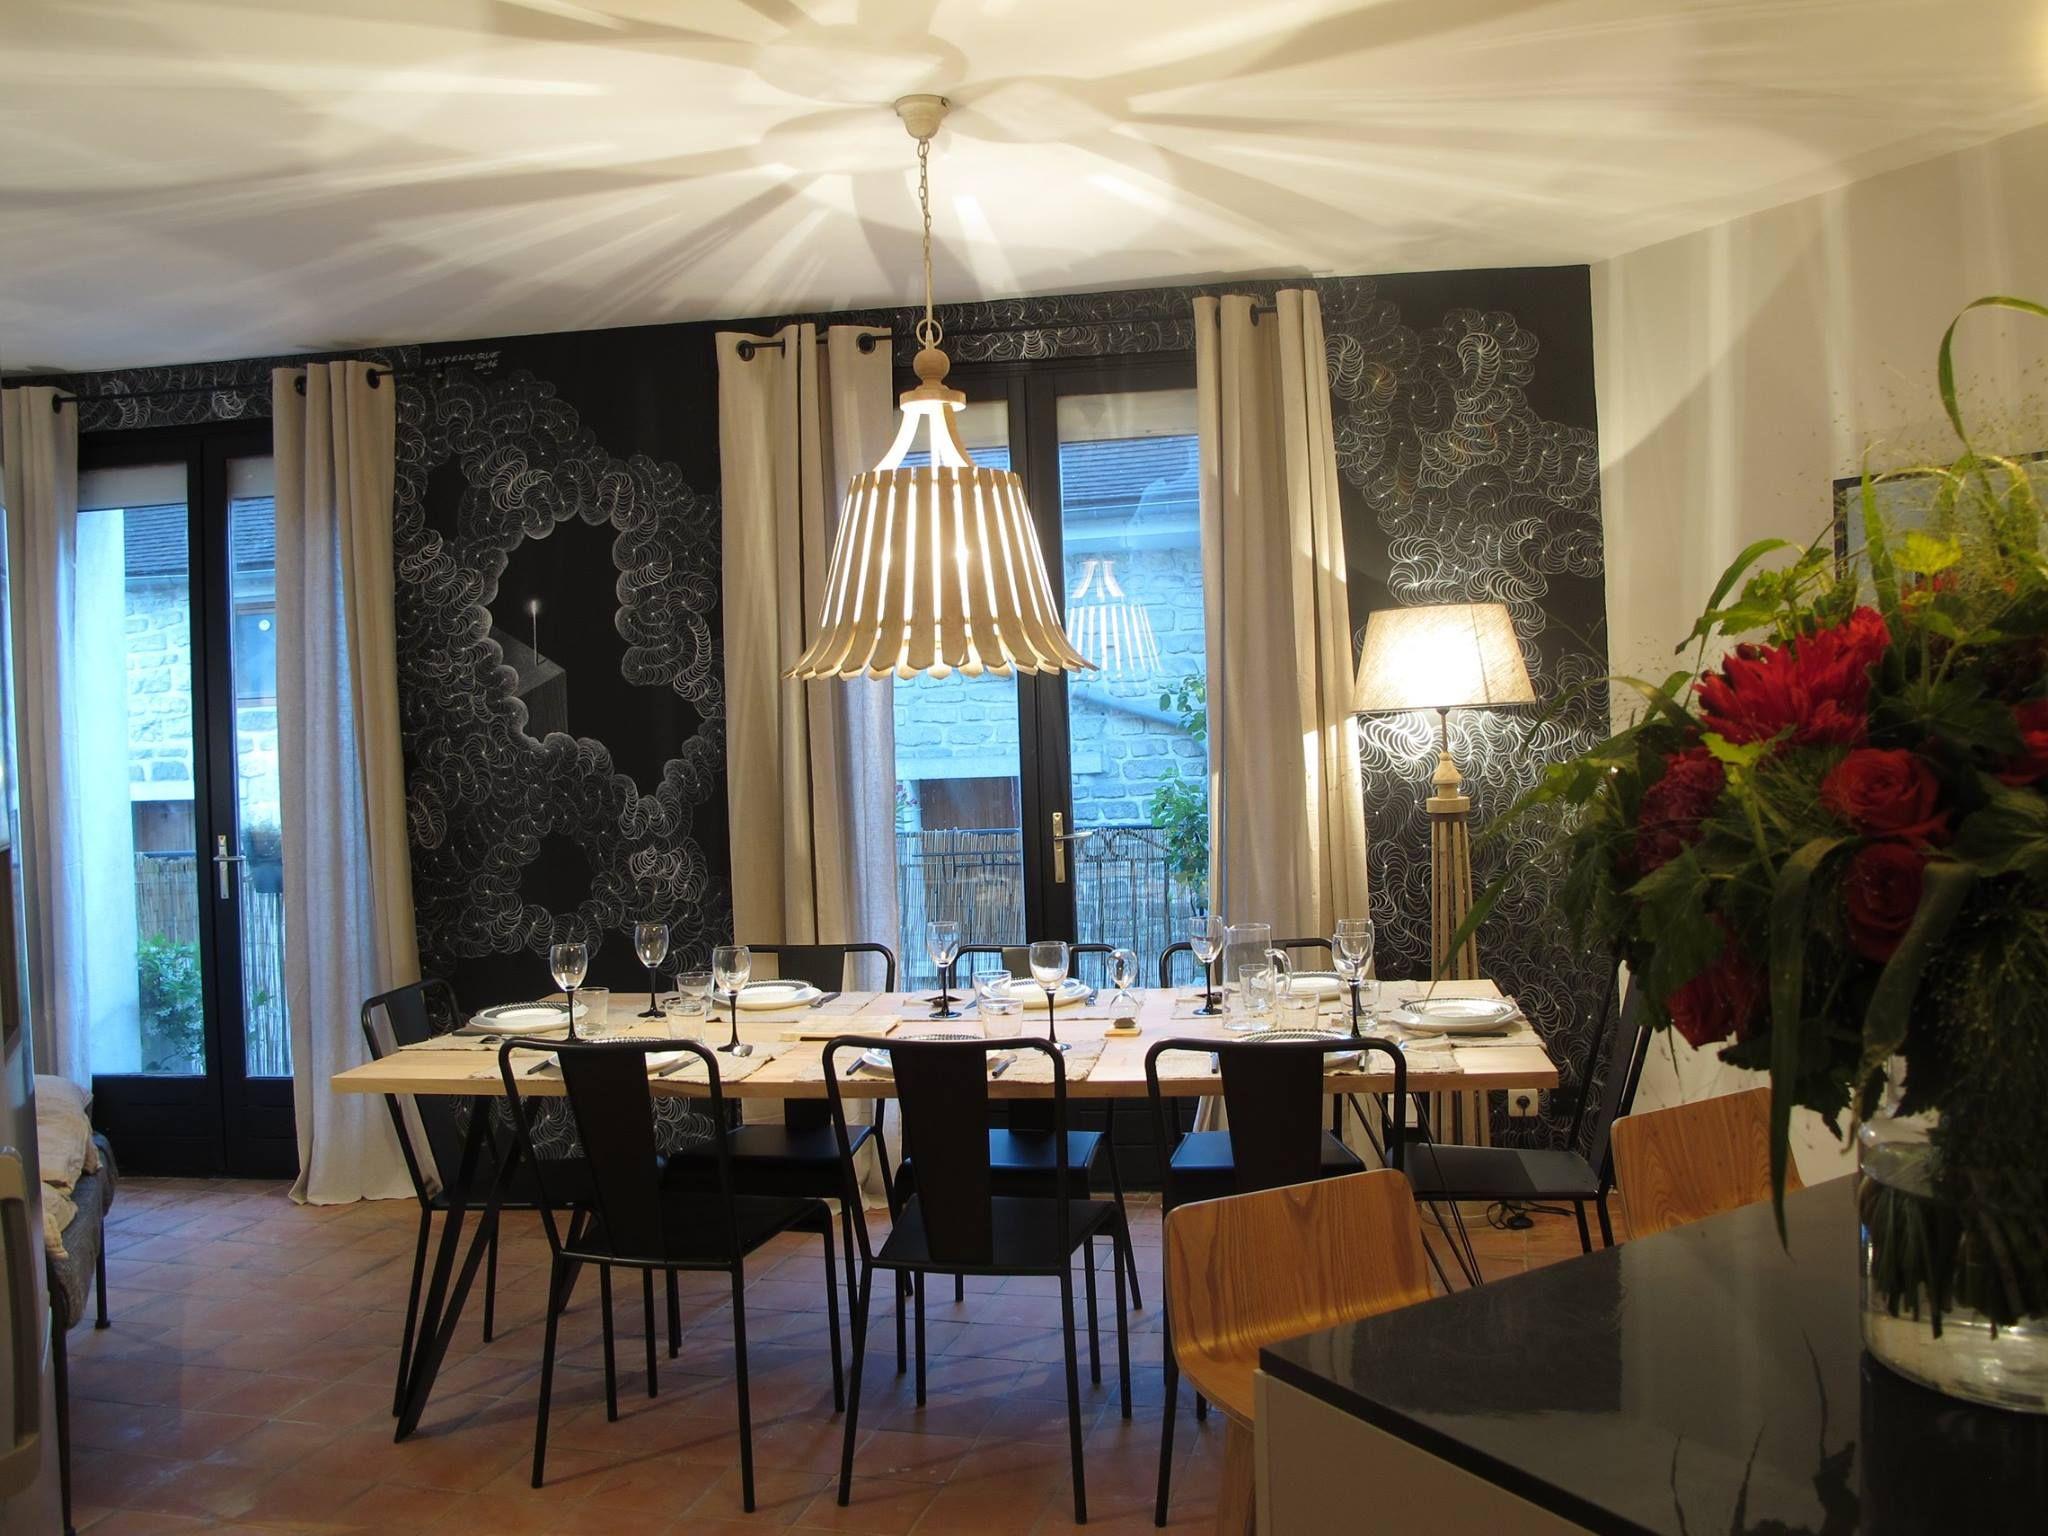 Salle à manger chic, moderne, noire, déco industrielle http://labottesecrete.fr/